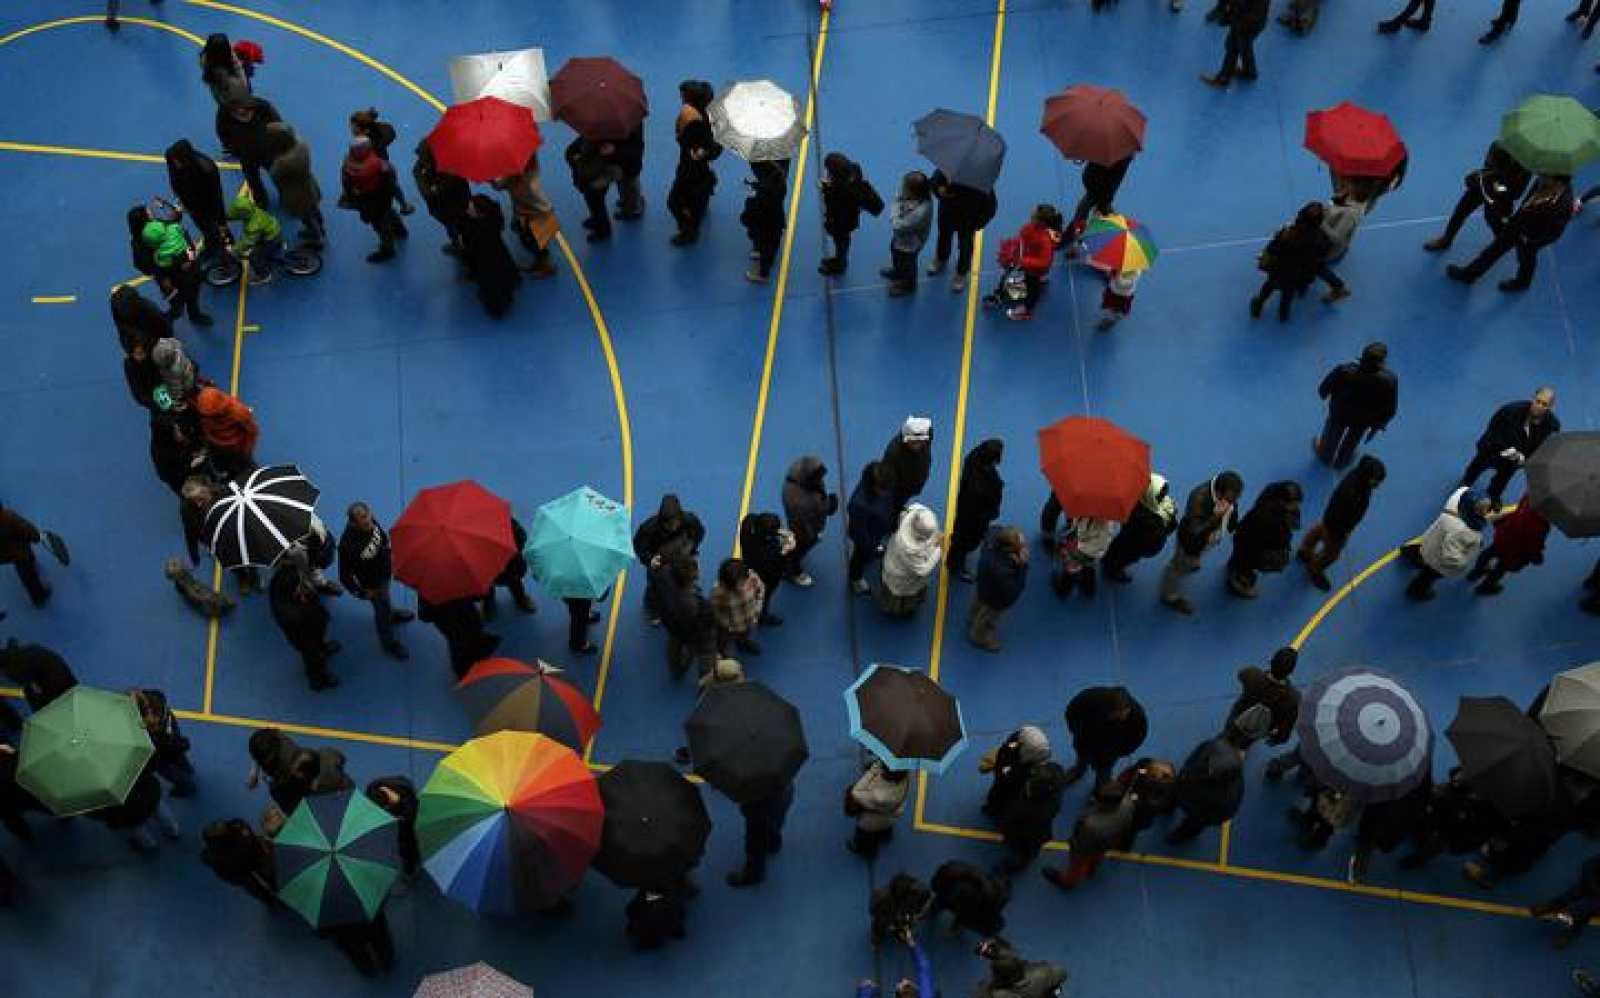 Más de 2,3 millones de ciudadanos, según la Generalitat, votaron el 9N.